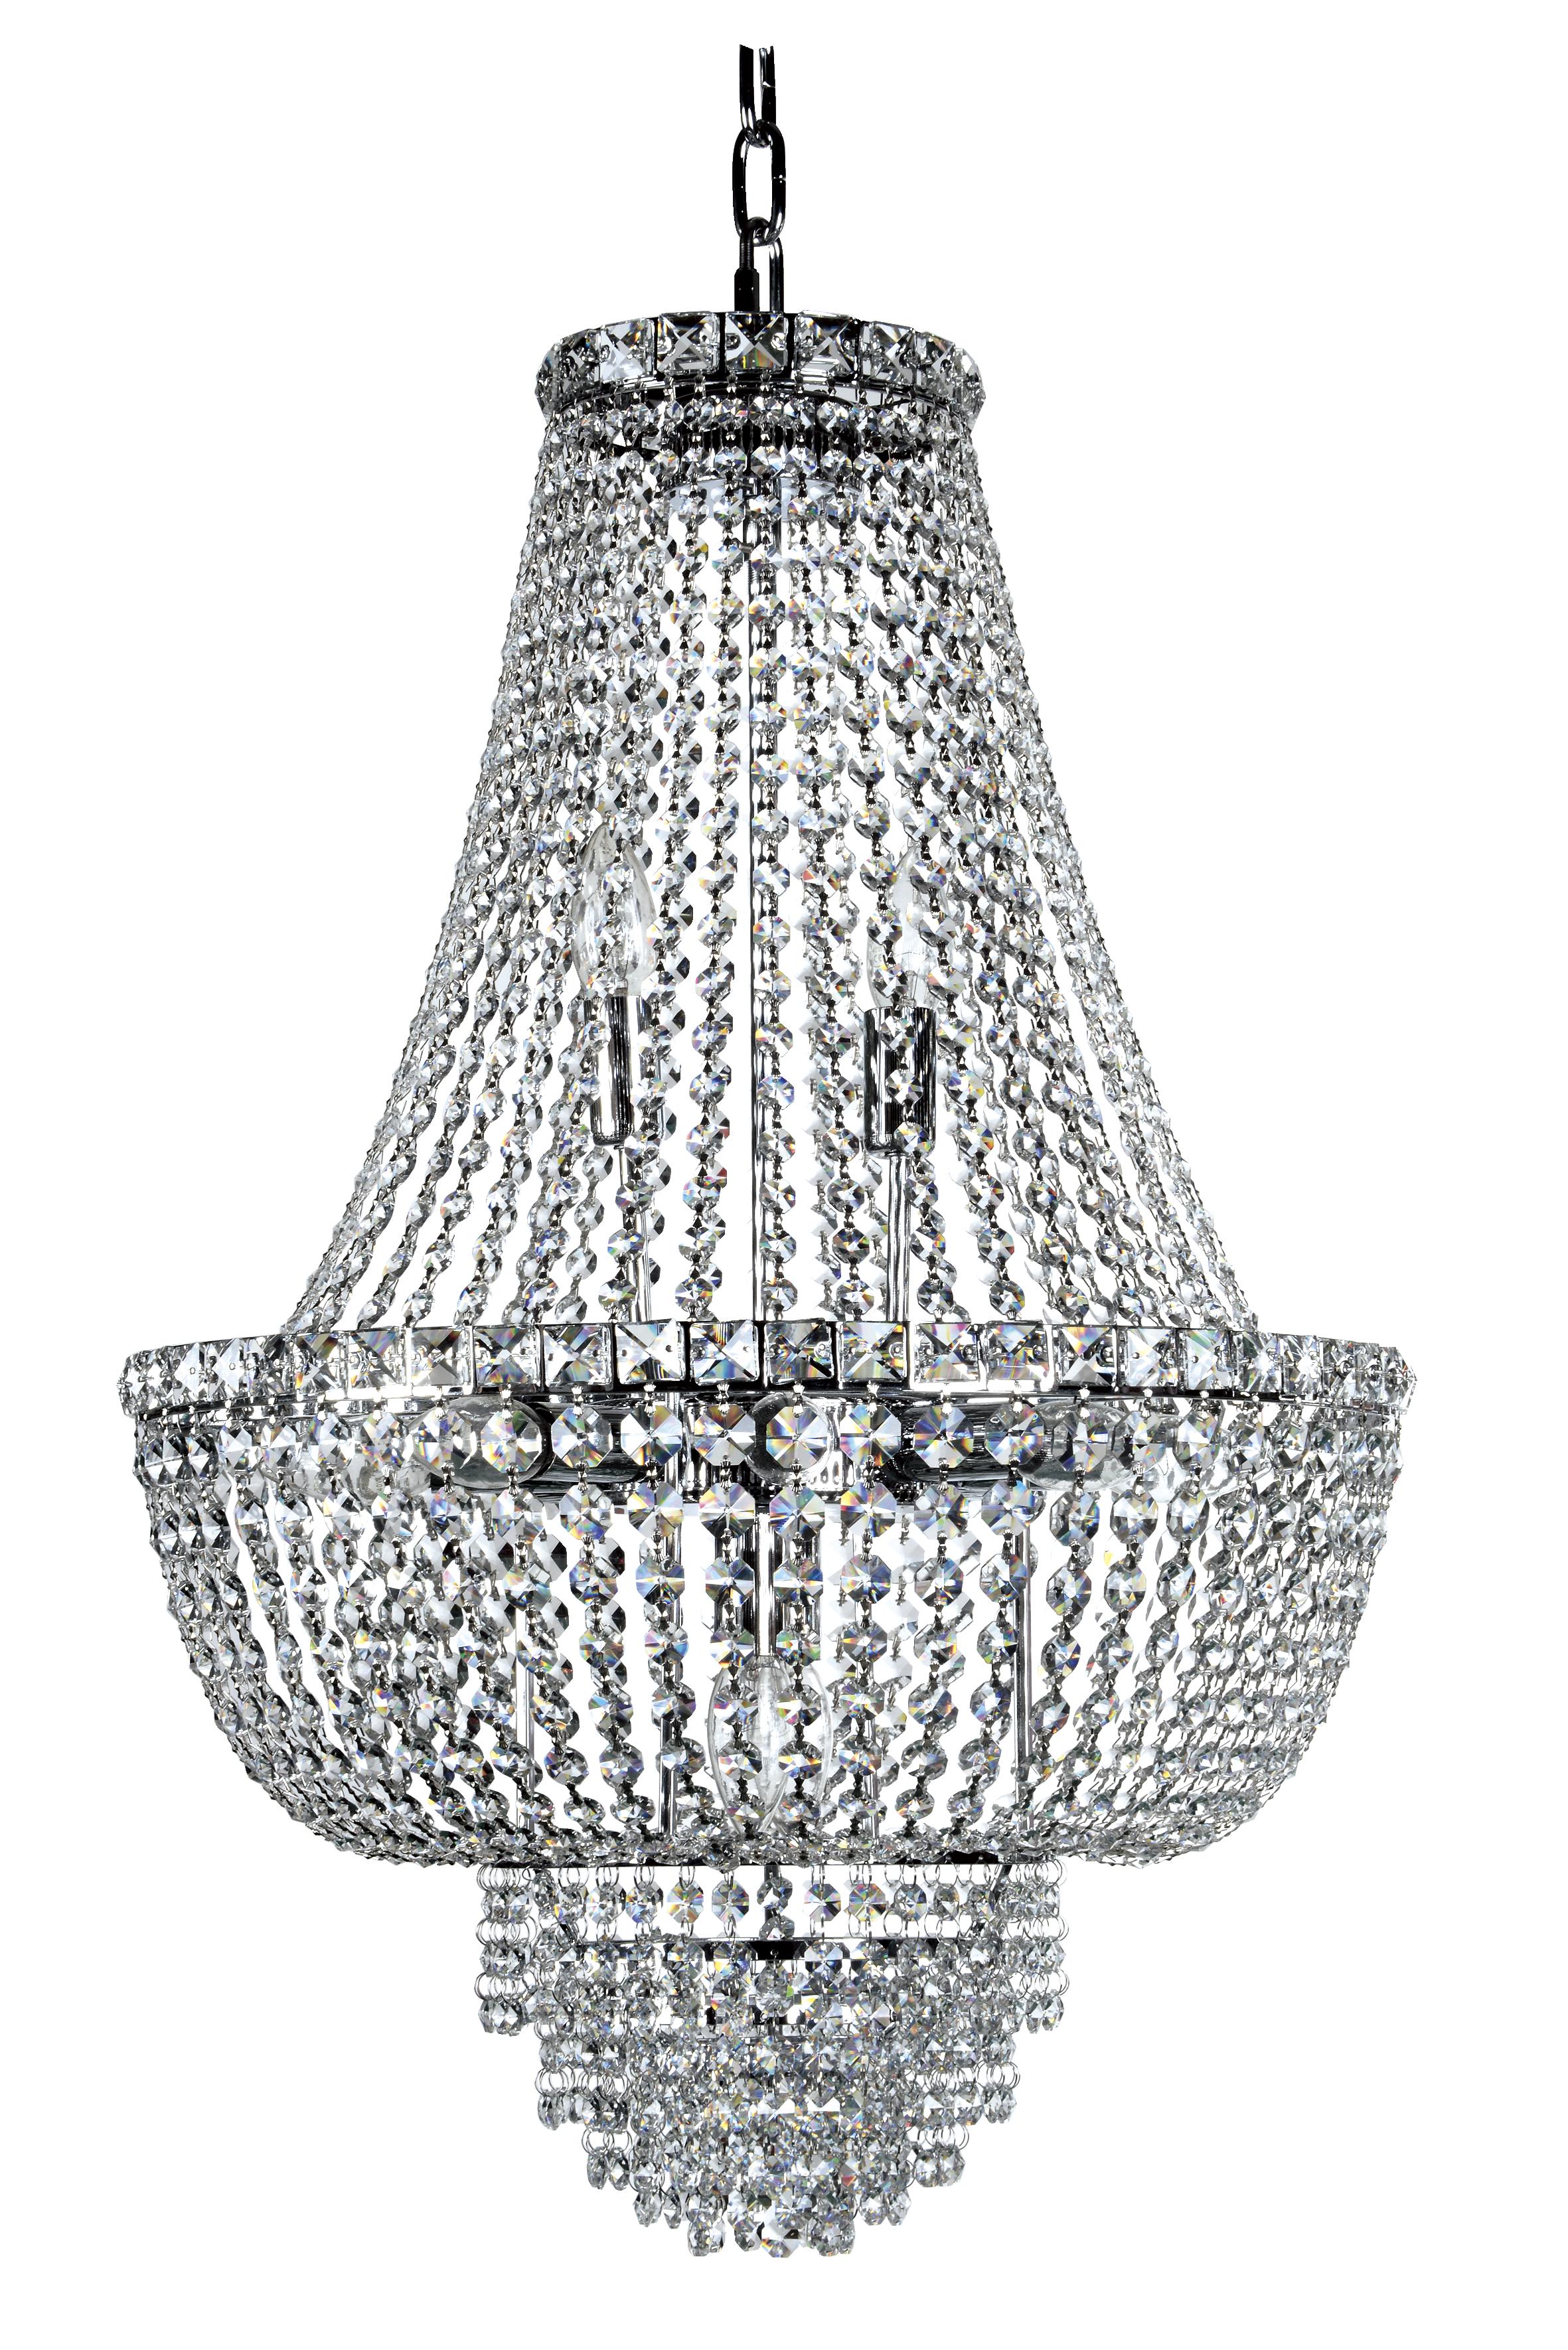 Lustre De Cristal Elizabeth Fontana Del Tritone Dourado 5 L Mpadas -> Lustre Para Sala De Jantar Dourado